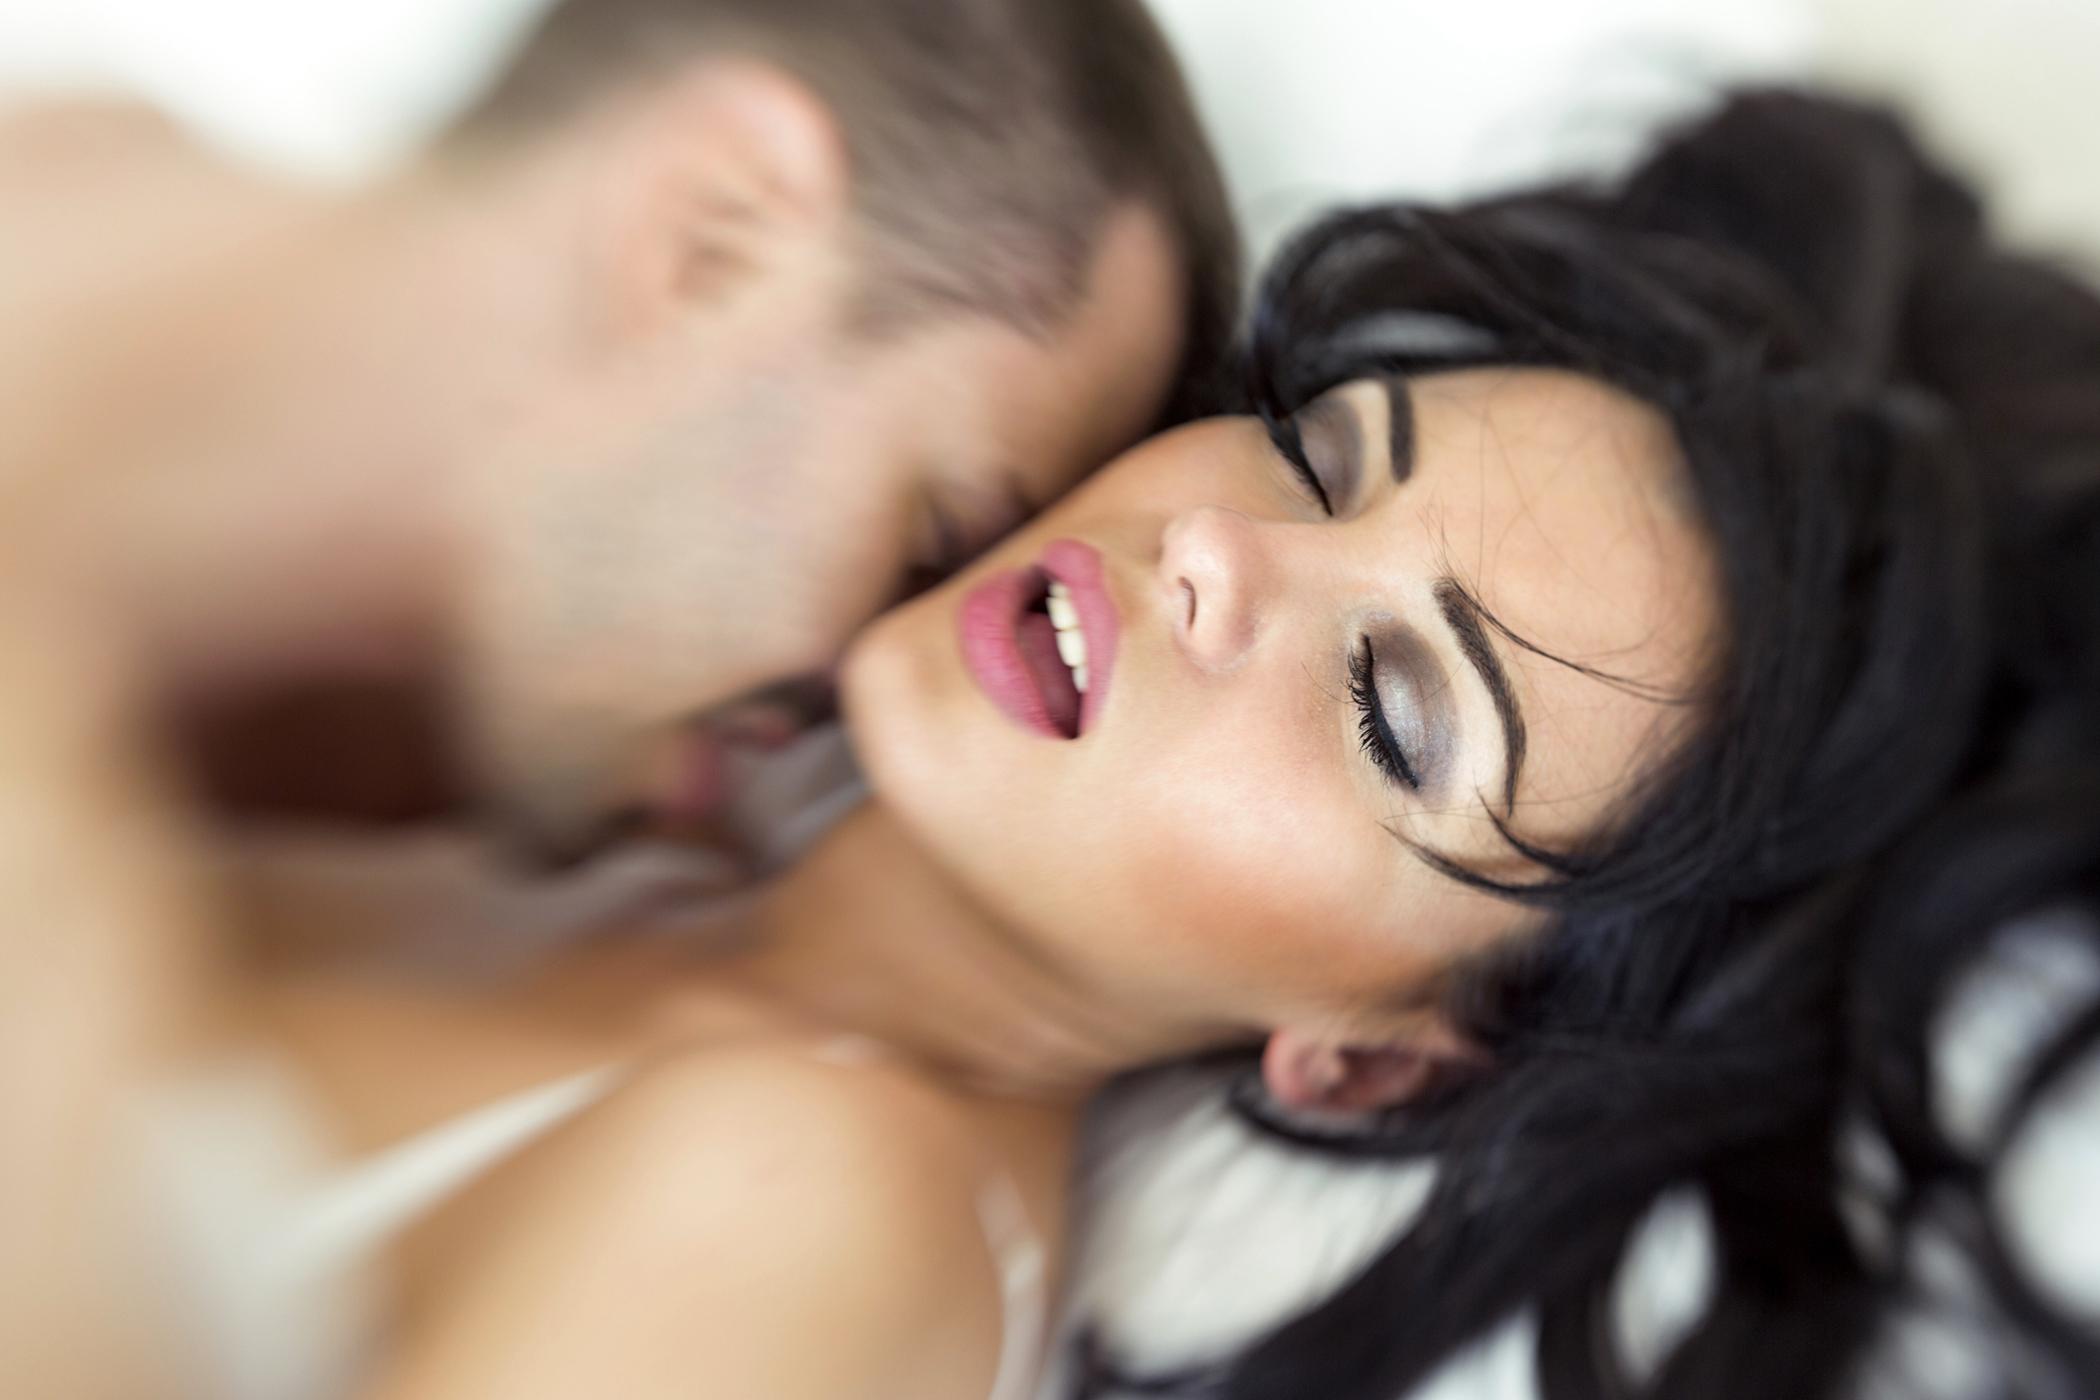 Szexmunkás mondja el, milyen a tökéletes pénisz